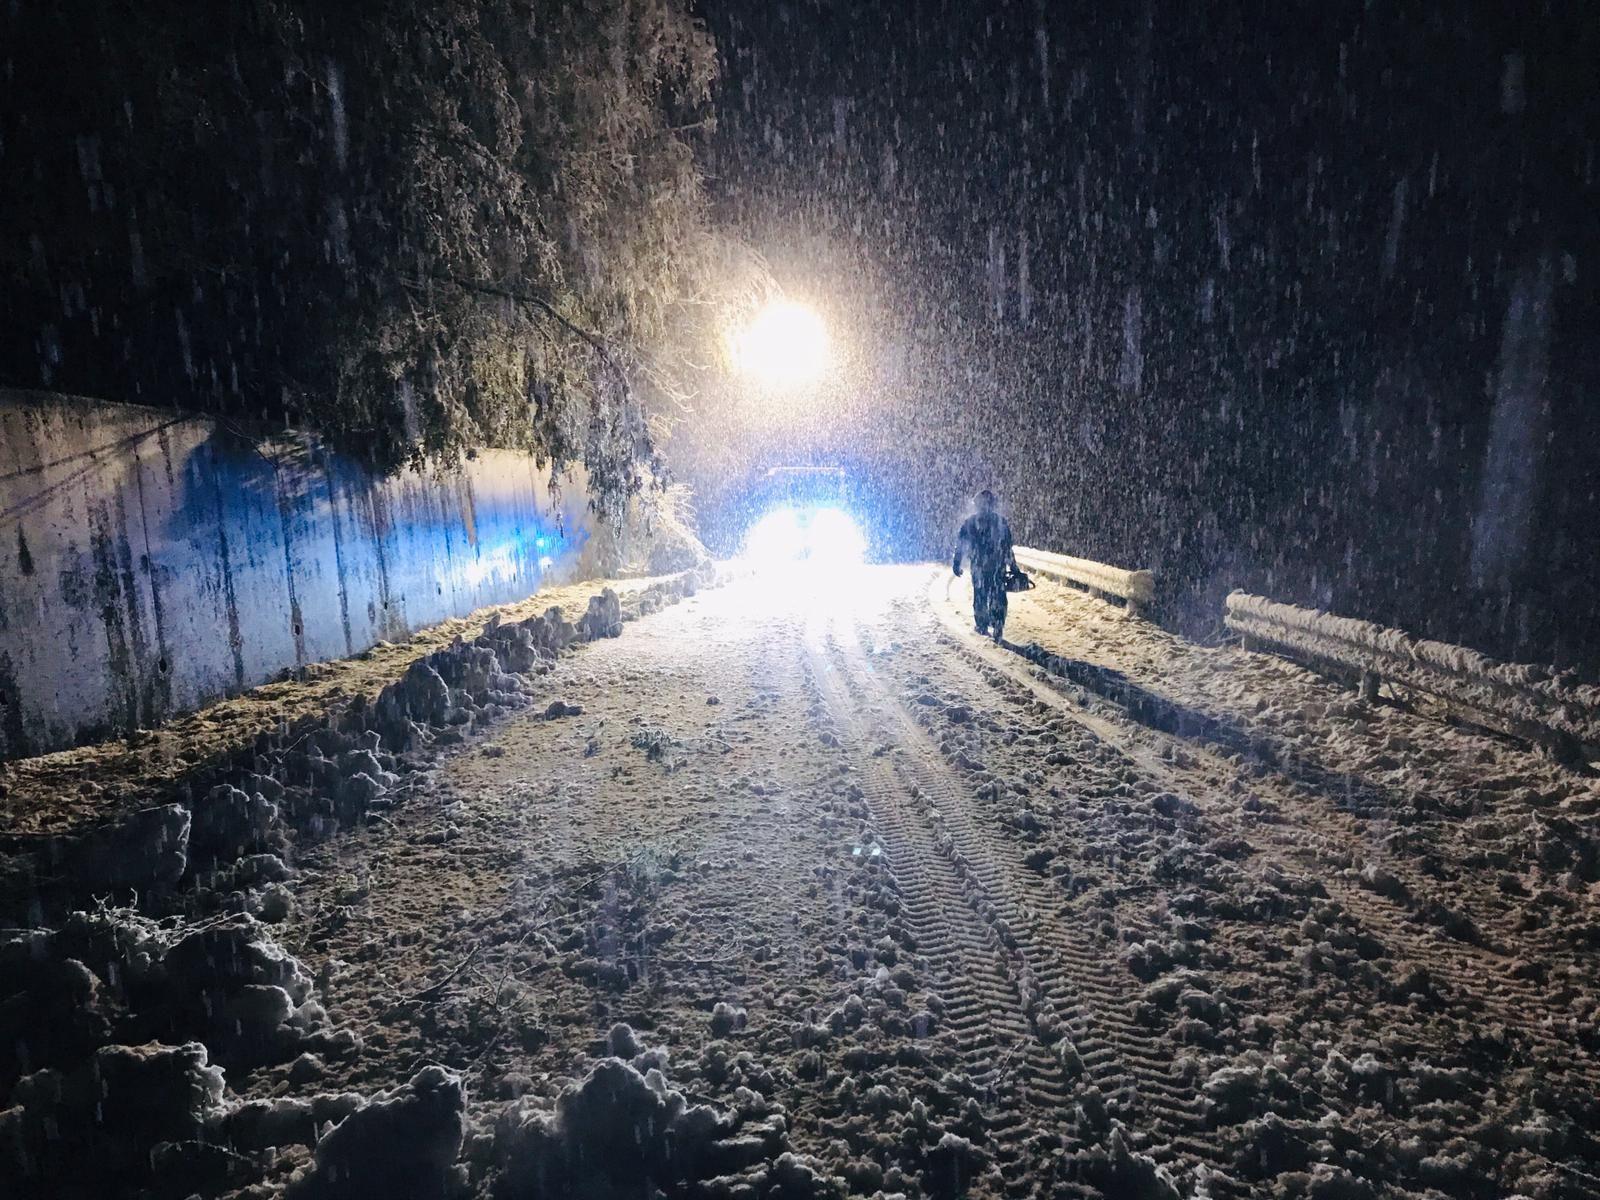 VALLE ORCO - I Comuni in rivolta dopo i disservizi provocati dalla neve: «Le bollette sono puntuali, i servizi no»